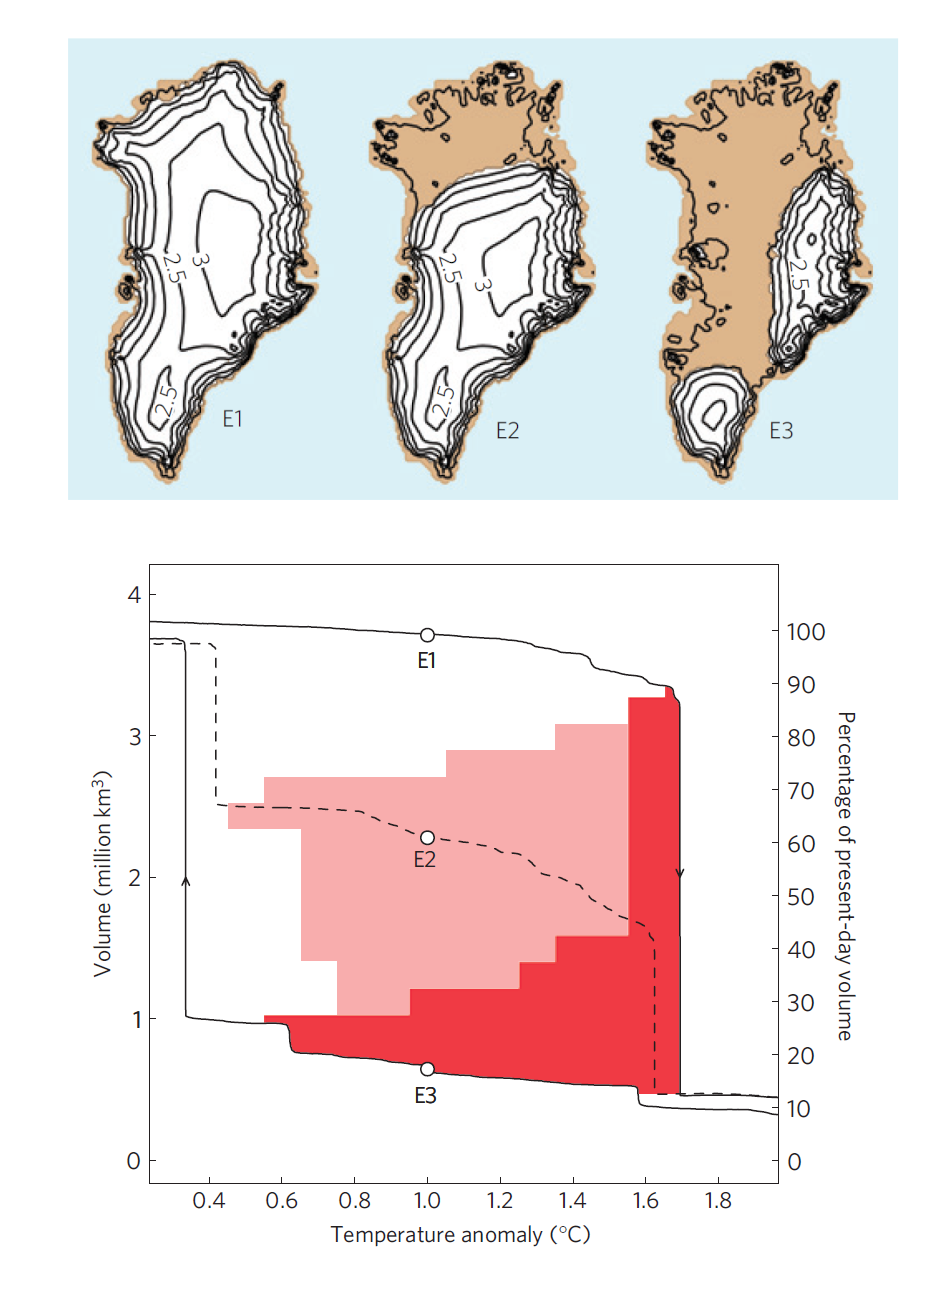 Estas imágenes muestran el resultado de una simulación de la capa de hielo de Groenlandia. La simulación señala que hay tres posibles estados de equilibrio, que están representados en la parte superior. En uno de ellos (E1) la isla está casi por completo cubierta de hielo, que es como la conocemos hoy. En otro la isla ha perdido el 90% de volumen del hielo (E3), y hay un estado intermedio (E2) en el que conserva aproximadamente el 50% del hielo. La gráfica de abajo muestra qué circunstancias llevan a cada uno de los tres estados: el eje horizontal muestra la diferencia entre la temperatura media en verano en época preindustrial y la temperatura aplicada a los veranos de la simulación; el eje vertical muestra el volumen total de hielo en la isla. Las condiciones en la zona blanca terminan conduciendo a un estado similar a E1, las de la zona rojo claro a un estado similar a E2 y las de la zona rojo oscuro a un estado similar a E3. Observamos, pues, que si empezamos con una situación similar a la actualidad (arriba a la izquierda) y vamos aumentando la temperatura la isla permanece en el estado E1 hasta que se alcanza la temperatura umbral, alrededor de 1,6 ºC en esta simulación, y en ese momento el hielo colapsa al estado E3. En cambio, si empezásemos con una Groenlandia caliente y casi sin hielo (abajo a la derecha) y fuésemos bajando la temperatura sucedería lo contrario: la isla permanecería sin hielo hasta que alcanzáramos una temperatura de 0,6 ºC, momento en el que la capa de hielo empezaría a crecer hasta alcanzar un estado similar a E1. El estado E2 sólo aparece en situaciones intermedias.